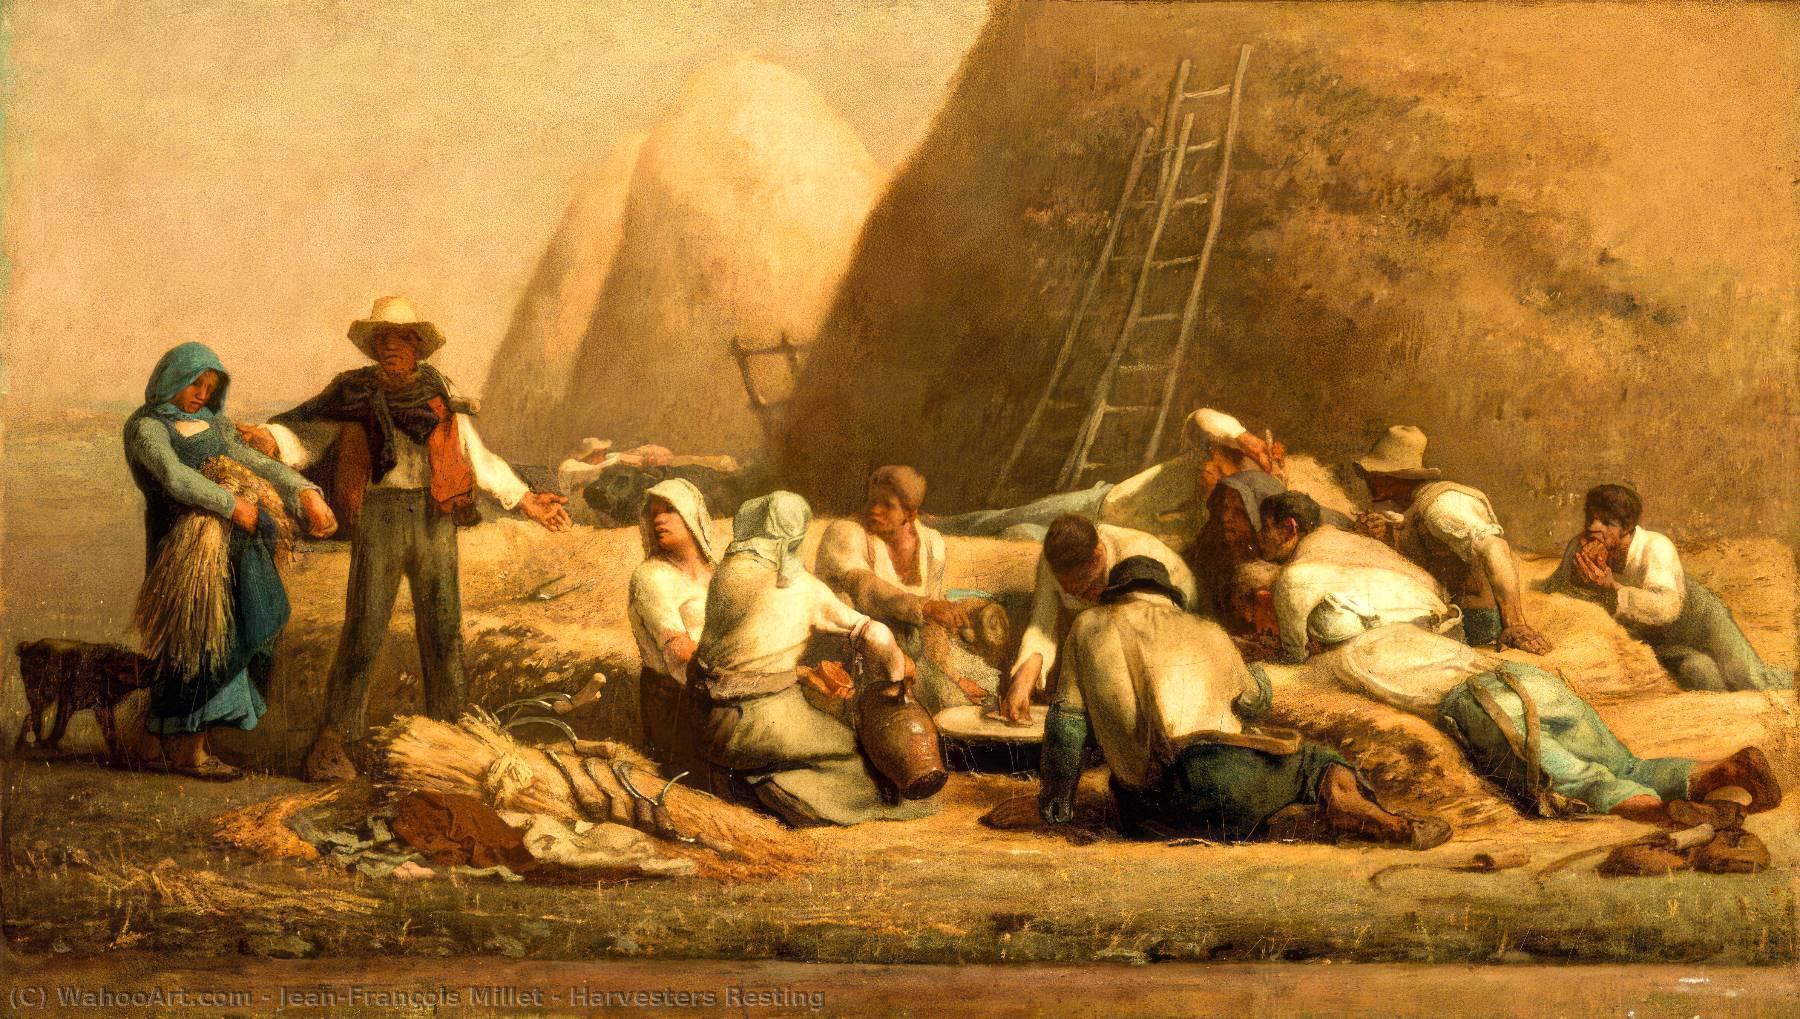 Jean-François Millet  Jean-francois-Millet-Harvesters-Resting